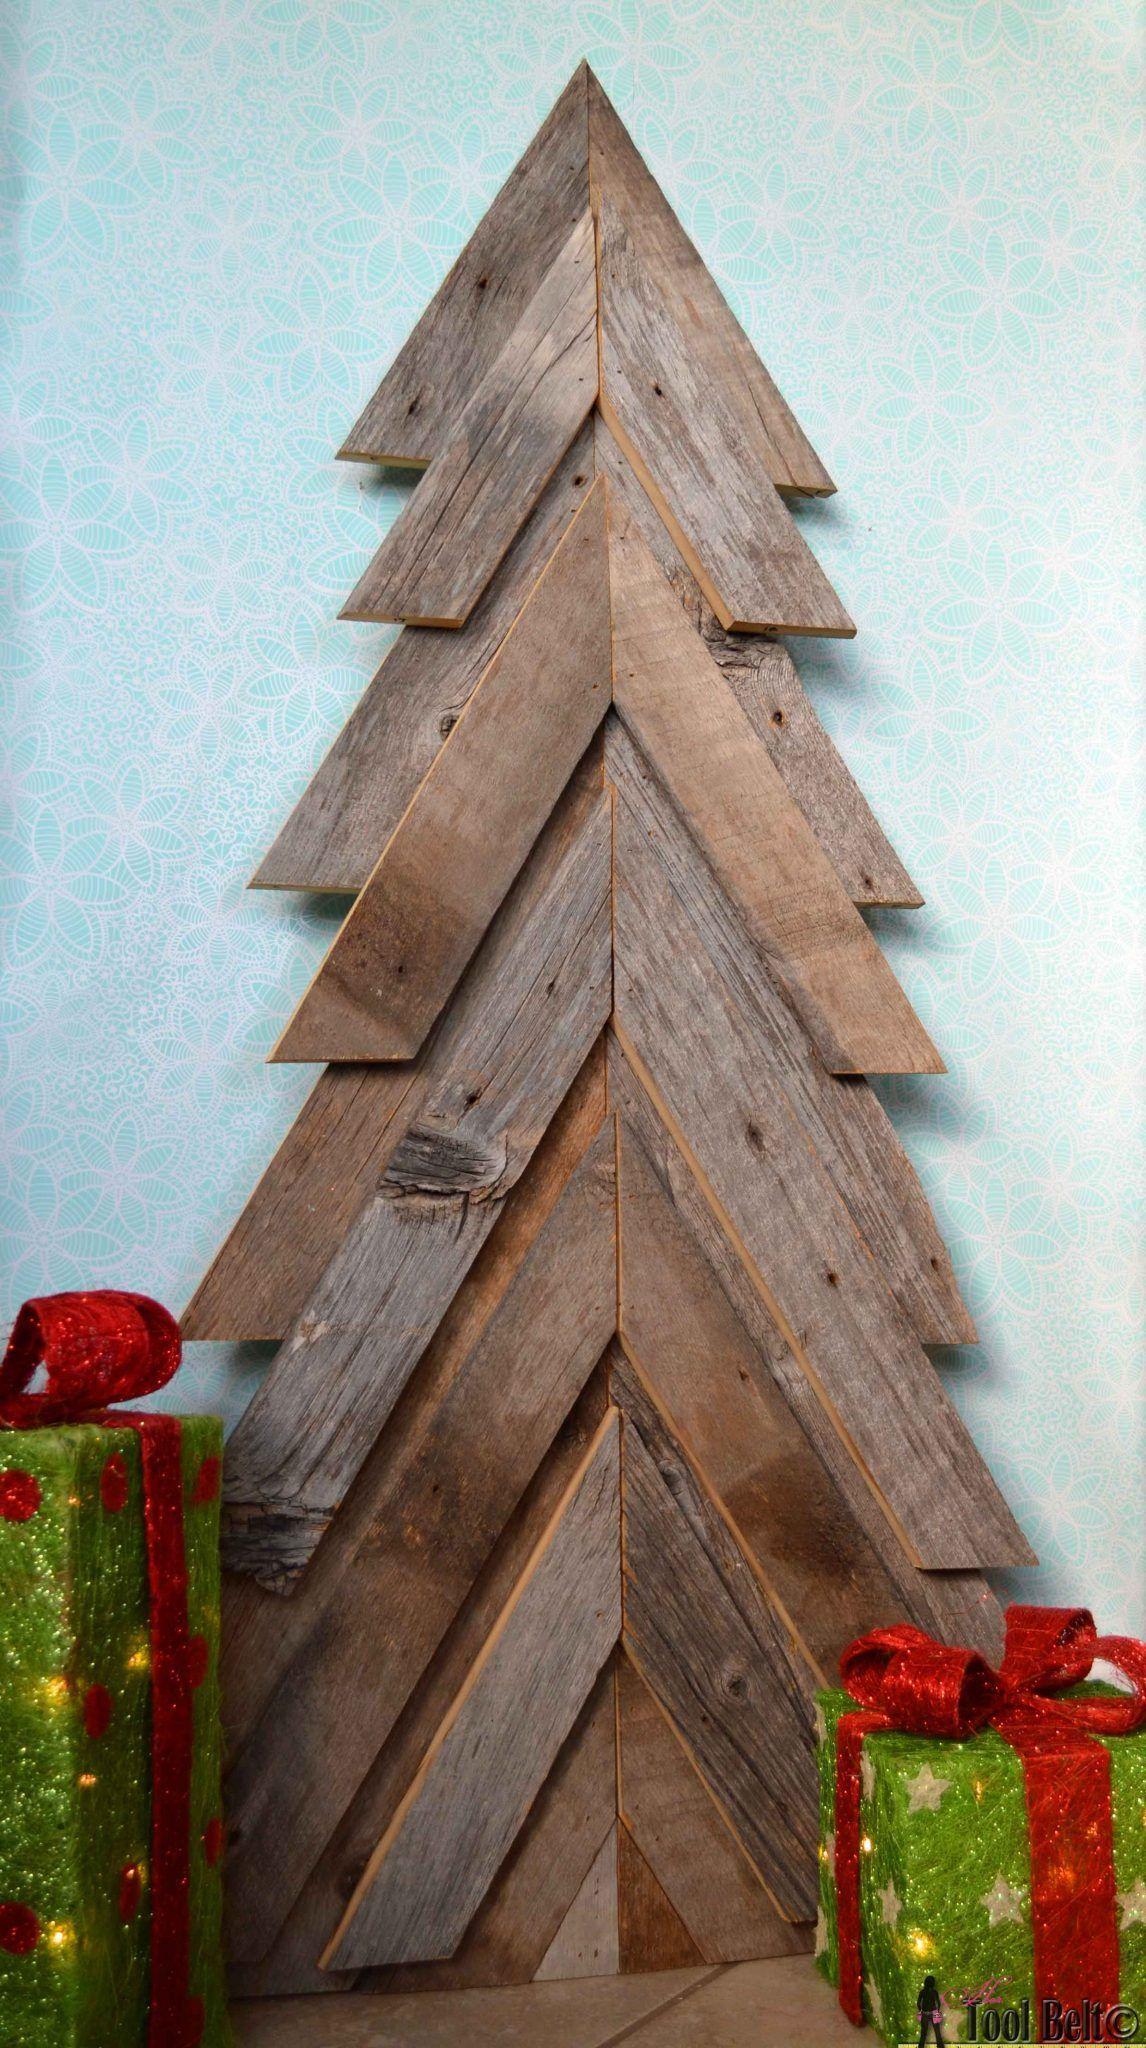 Charming DIY Dekorationen für ein rustikales Weihnachten #rustikaleweihnachten